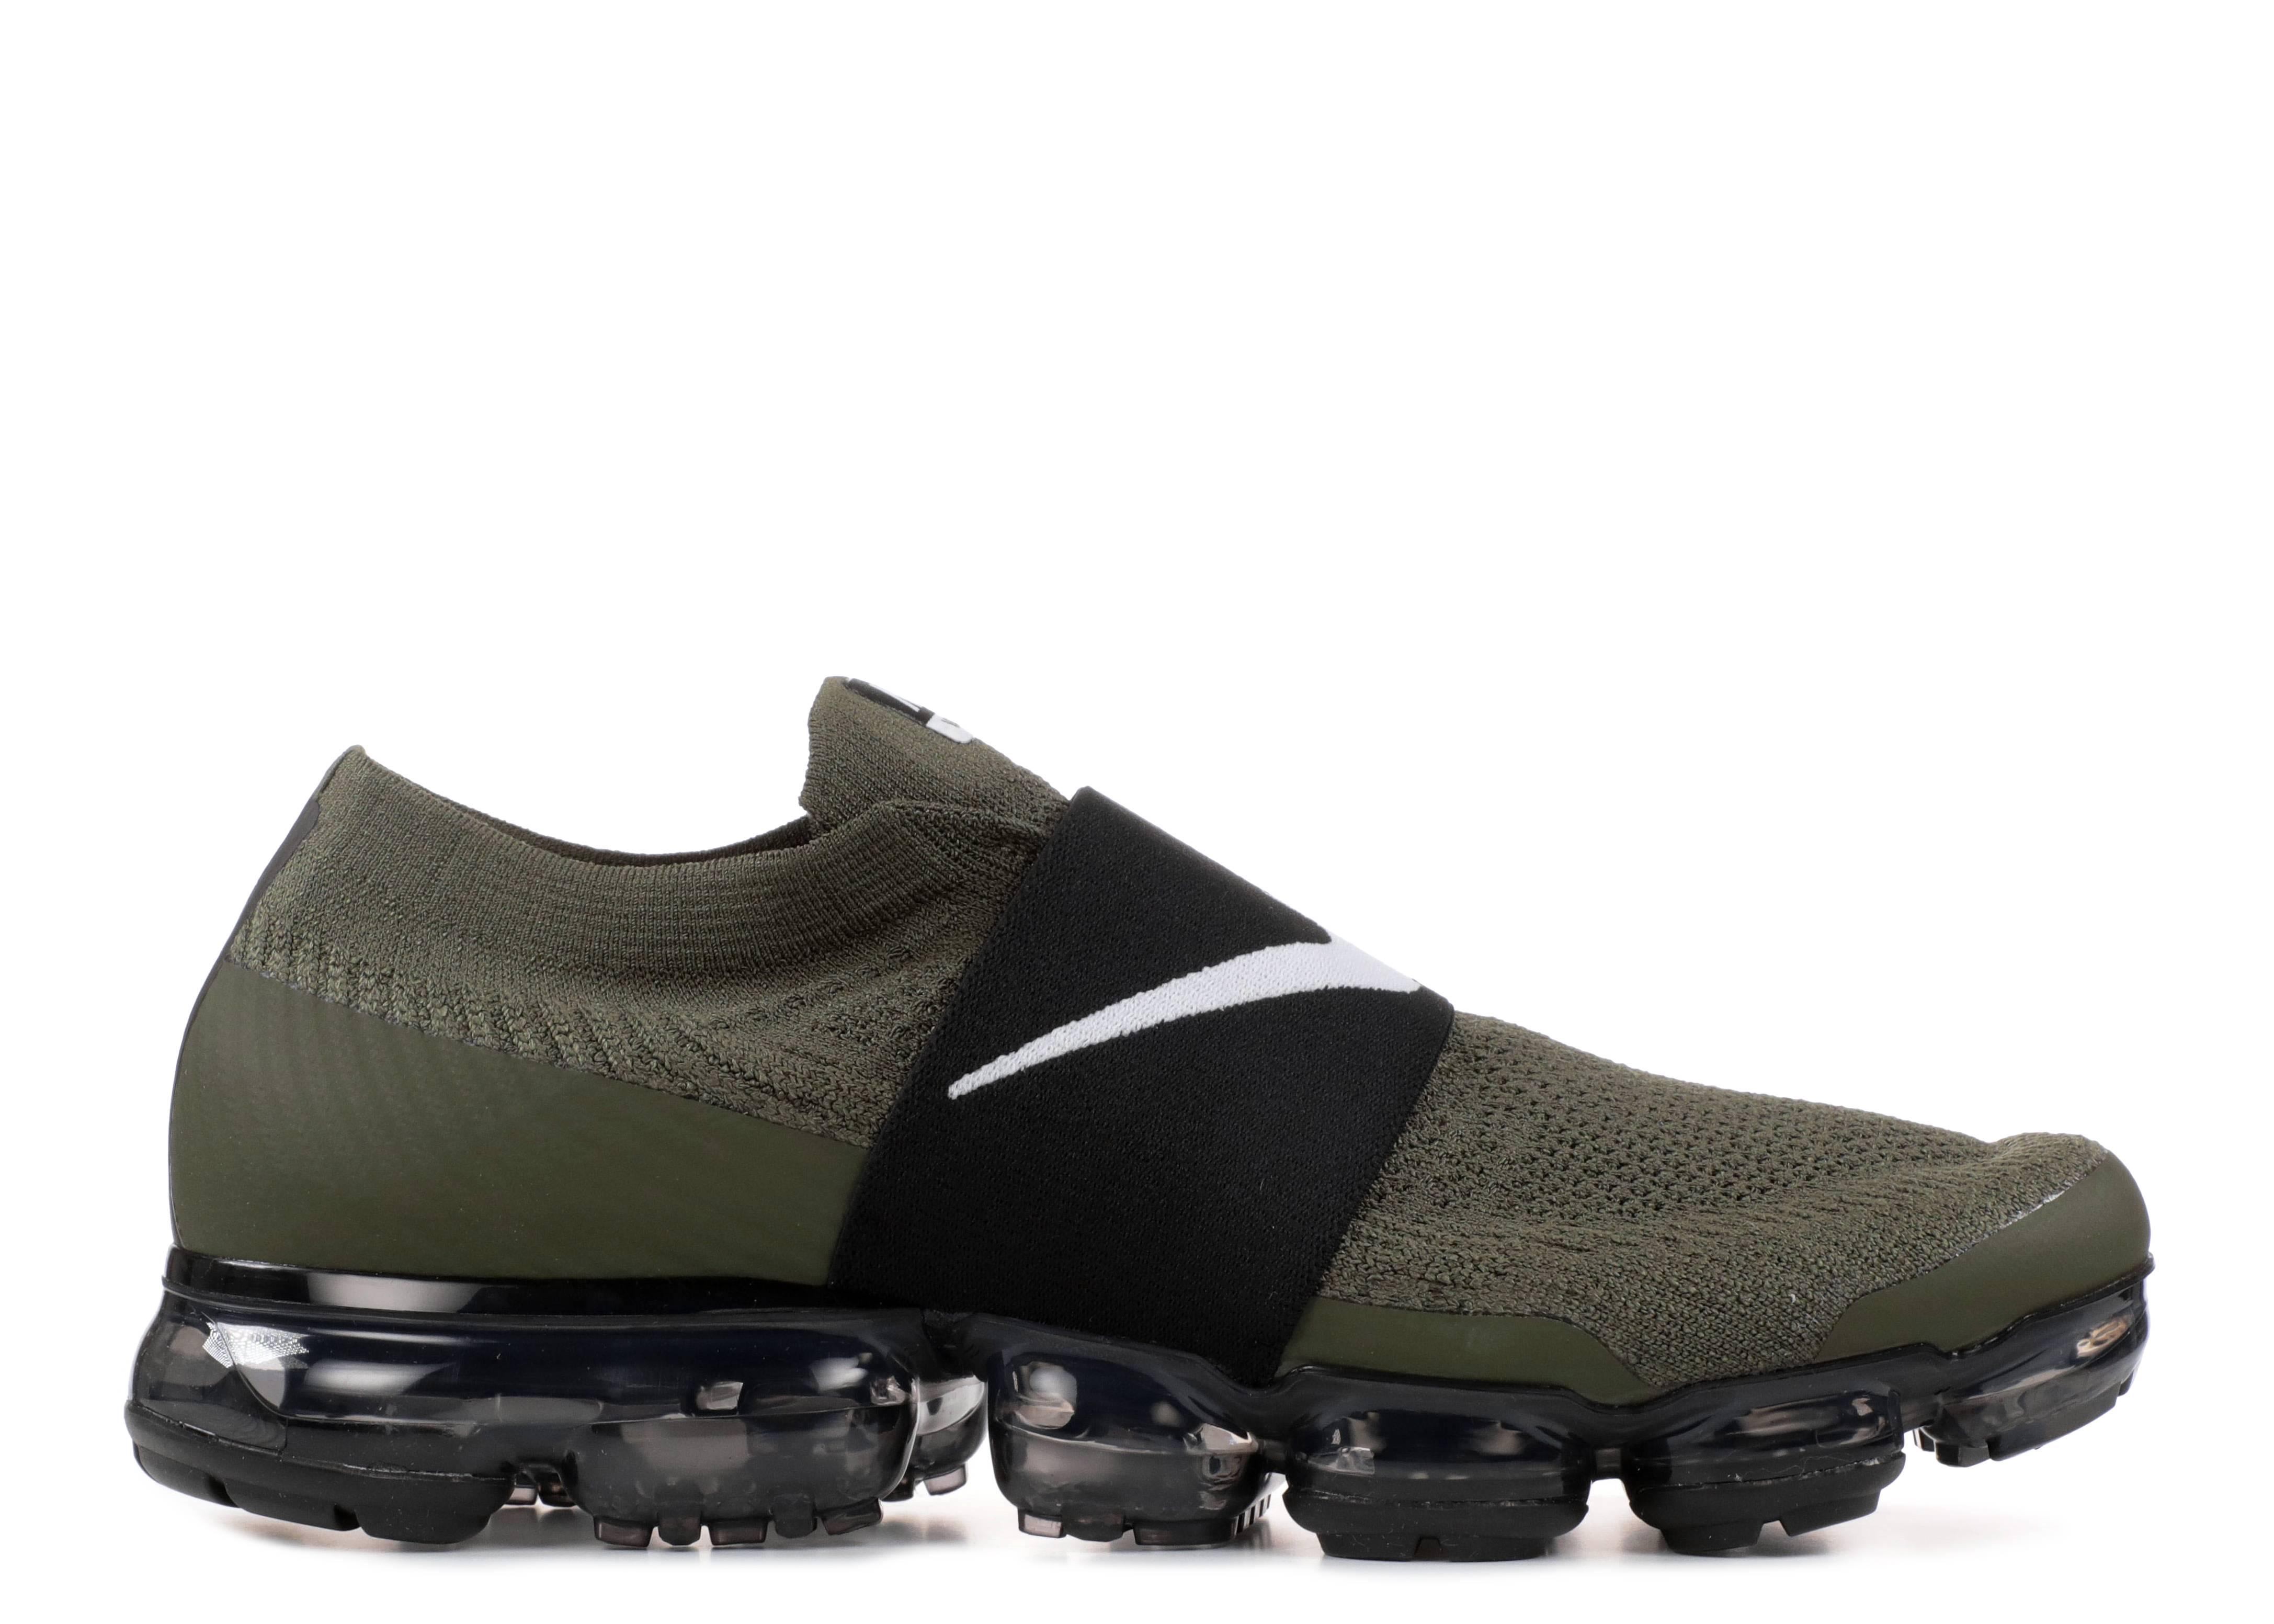 20a413fe3e51 Wmns Nike Air Vapormax Fk Moc - Nike - aa4155 300 - cargo khaki ...